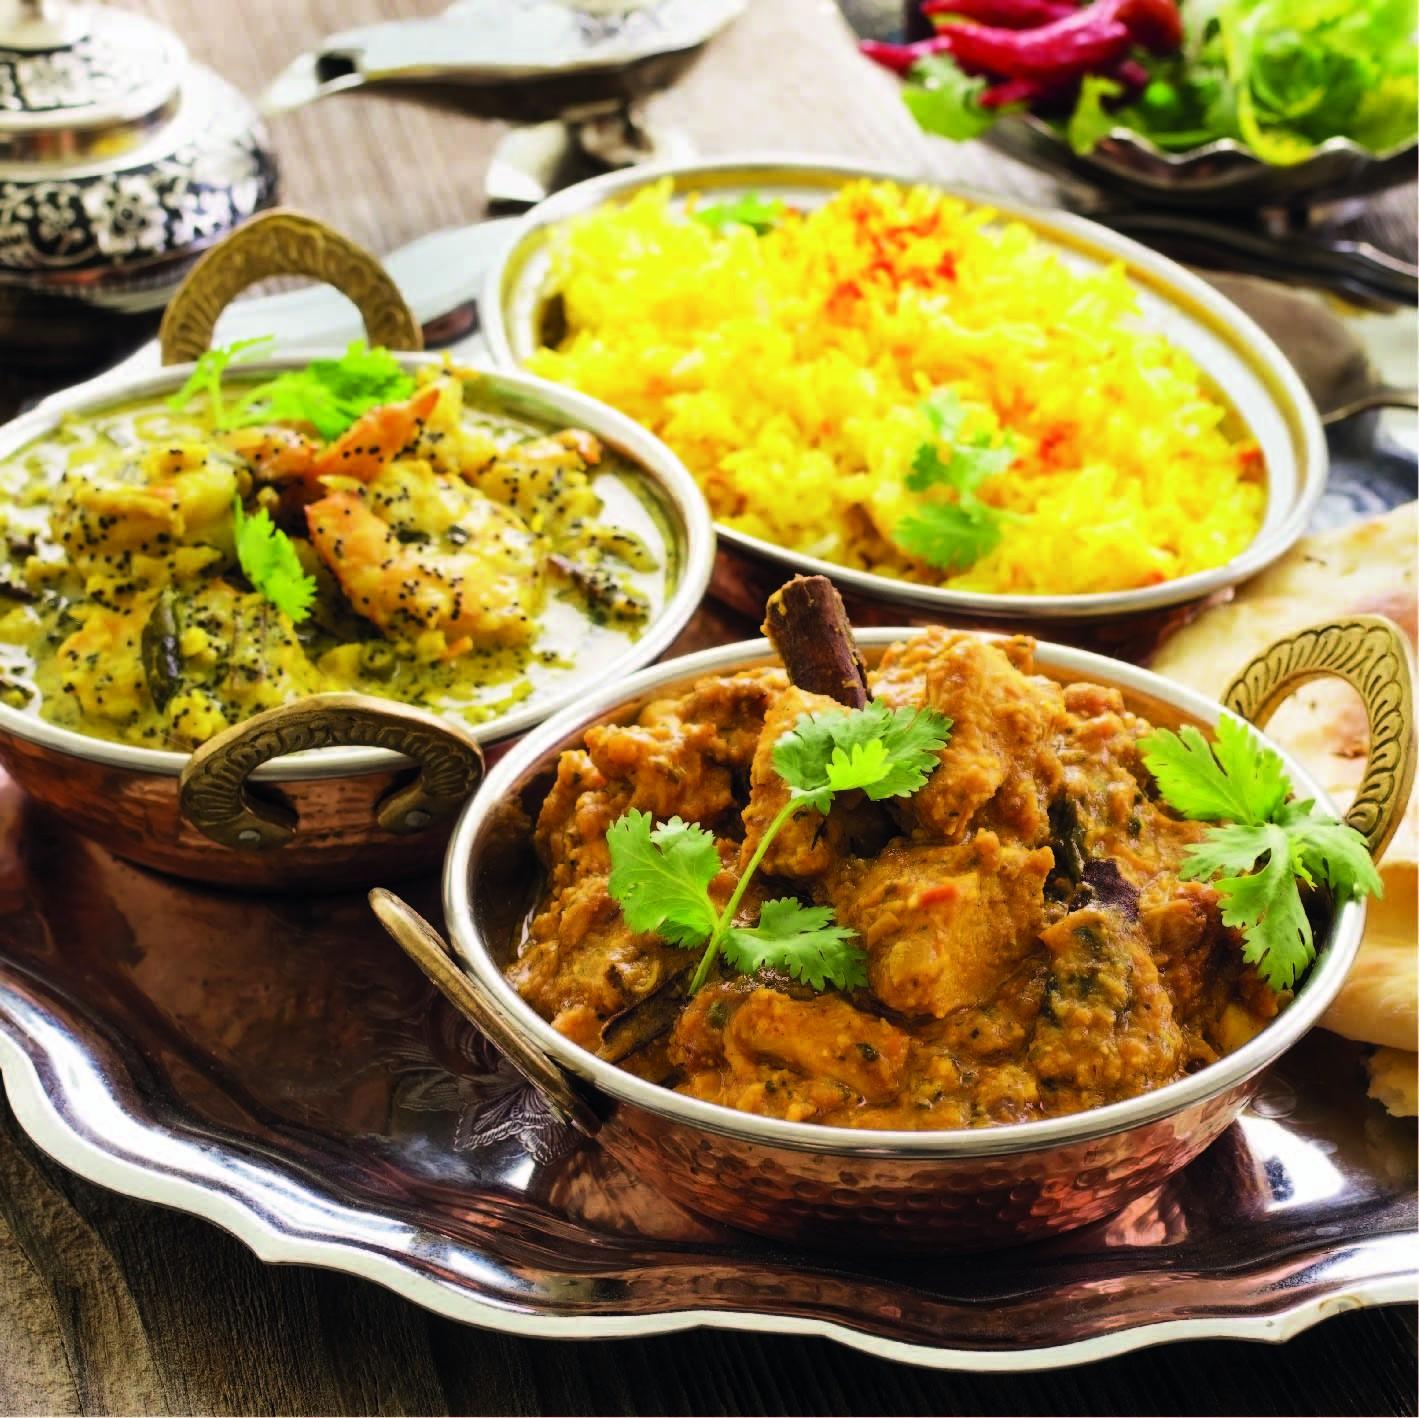 المطبخ الهندي भारतीयरसोई